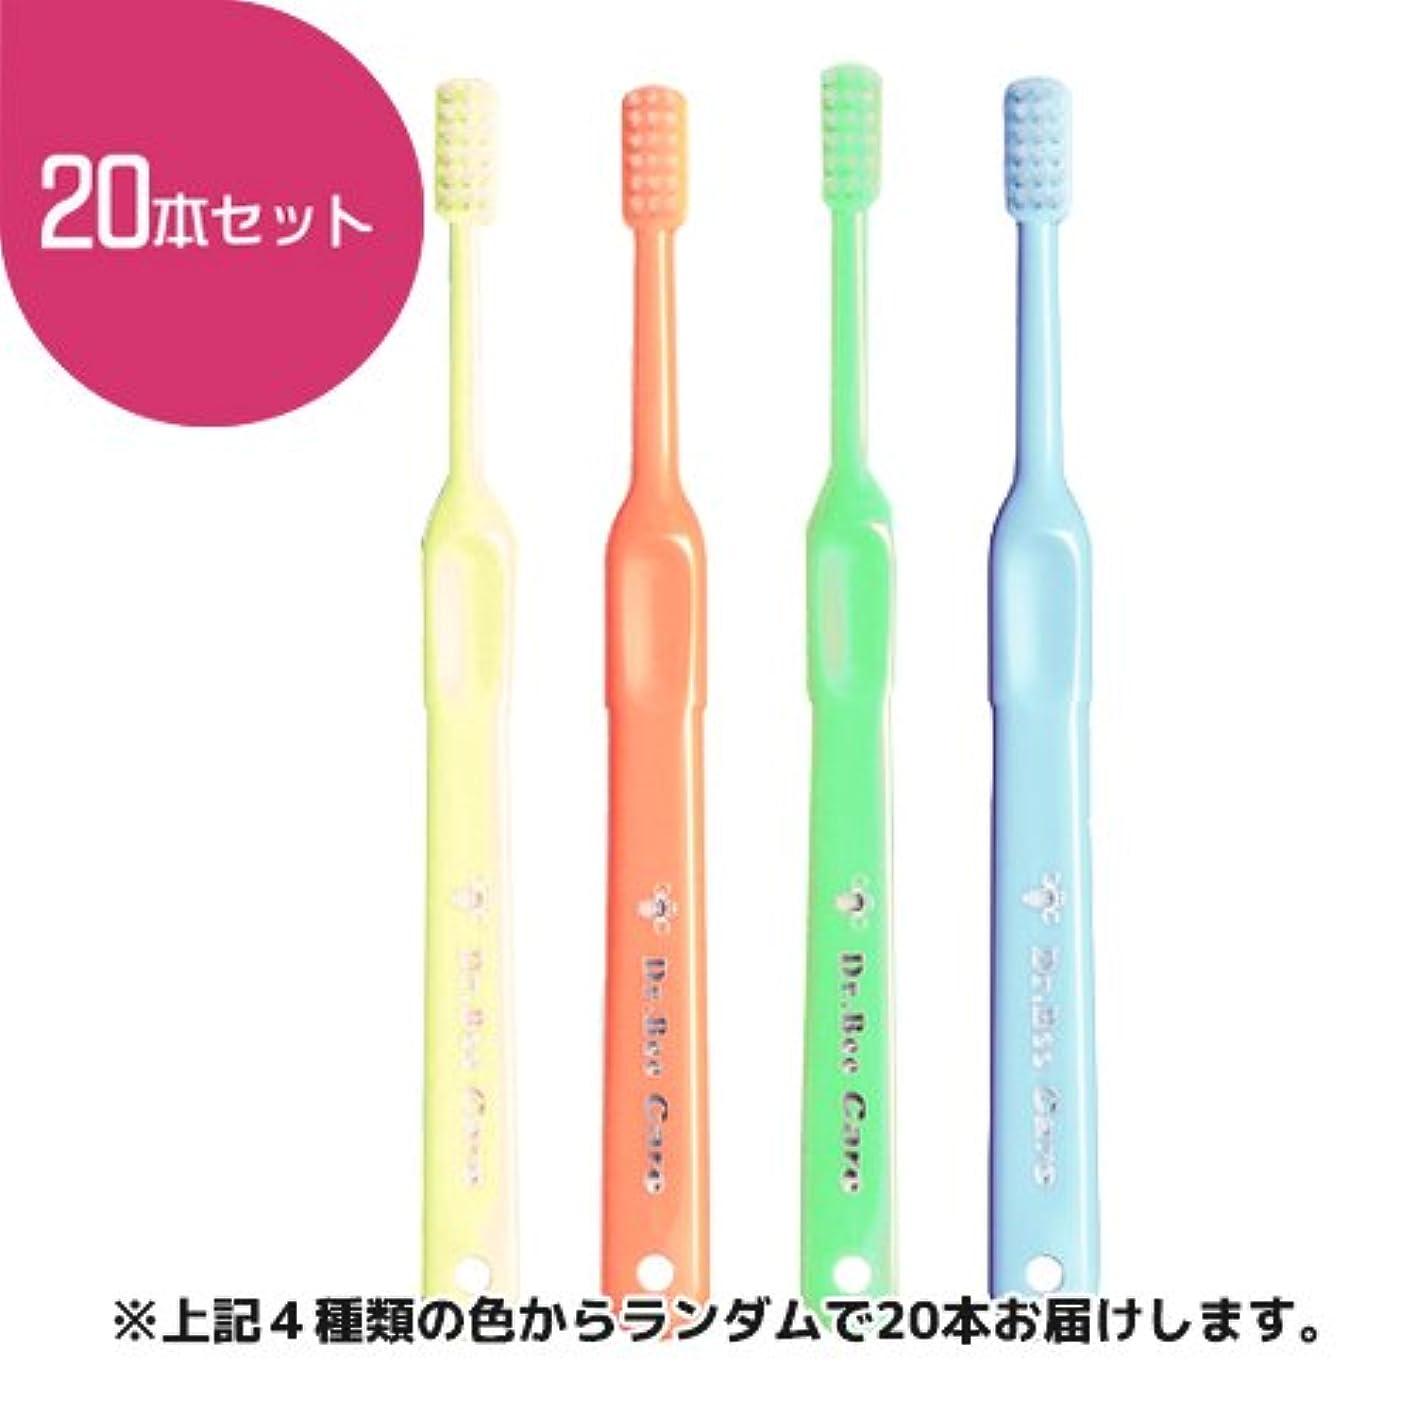 白い櫛ゆるいビーブランド ドクタービーケア 歯ブラシ 20本